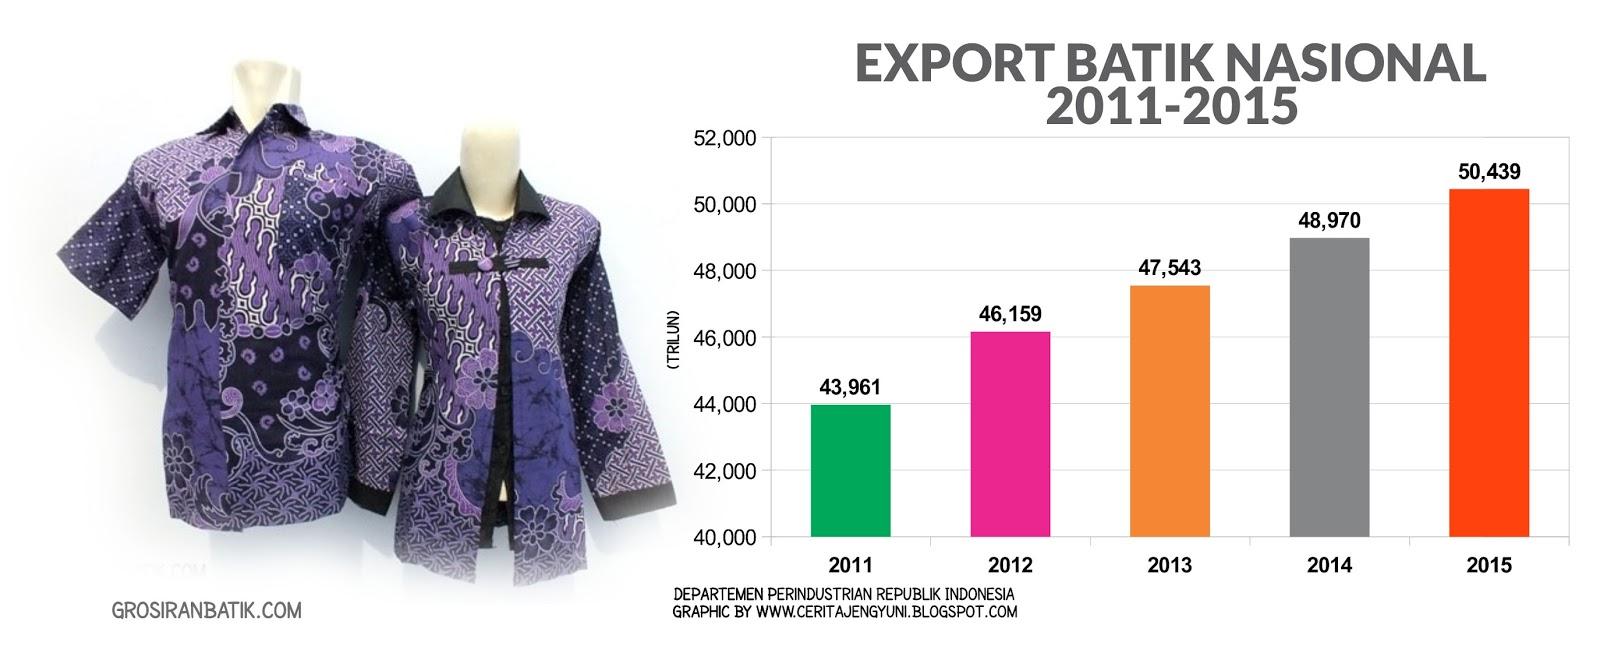 Export batik nasional